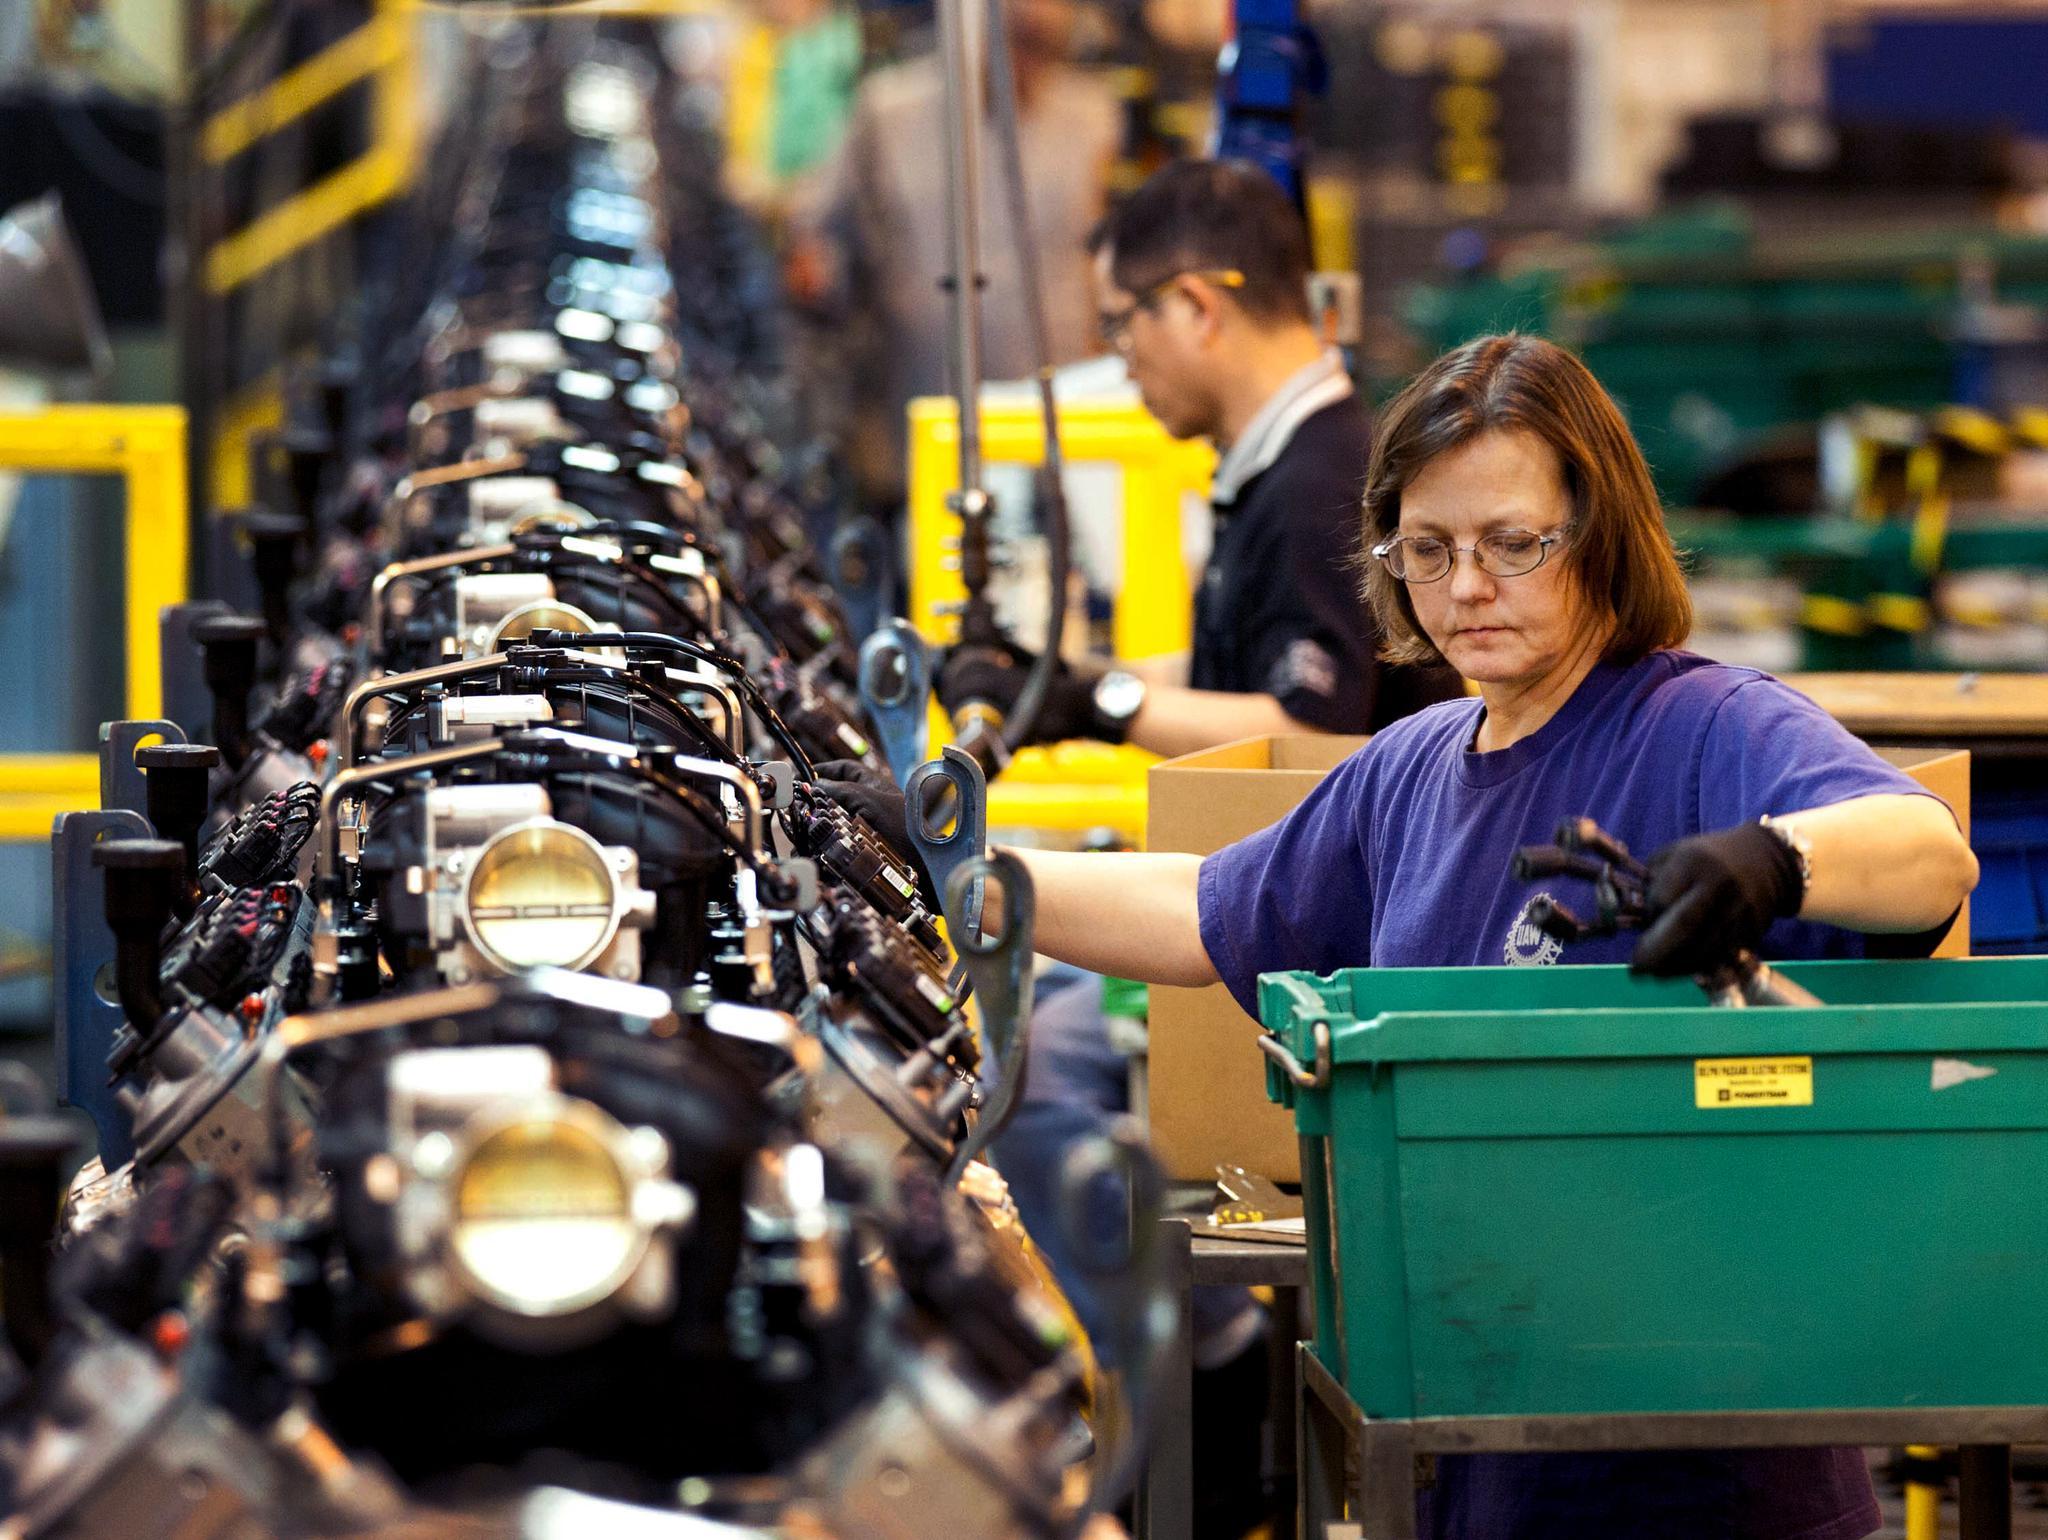 通用汽车位于密休根州的工厂。图自视觉中国